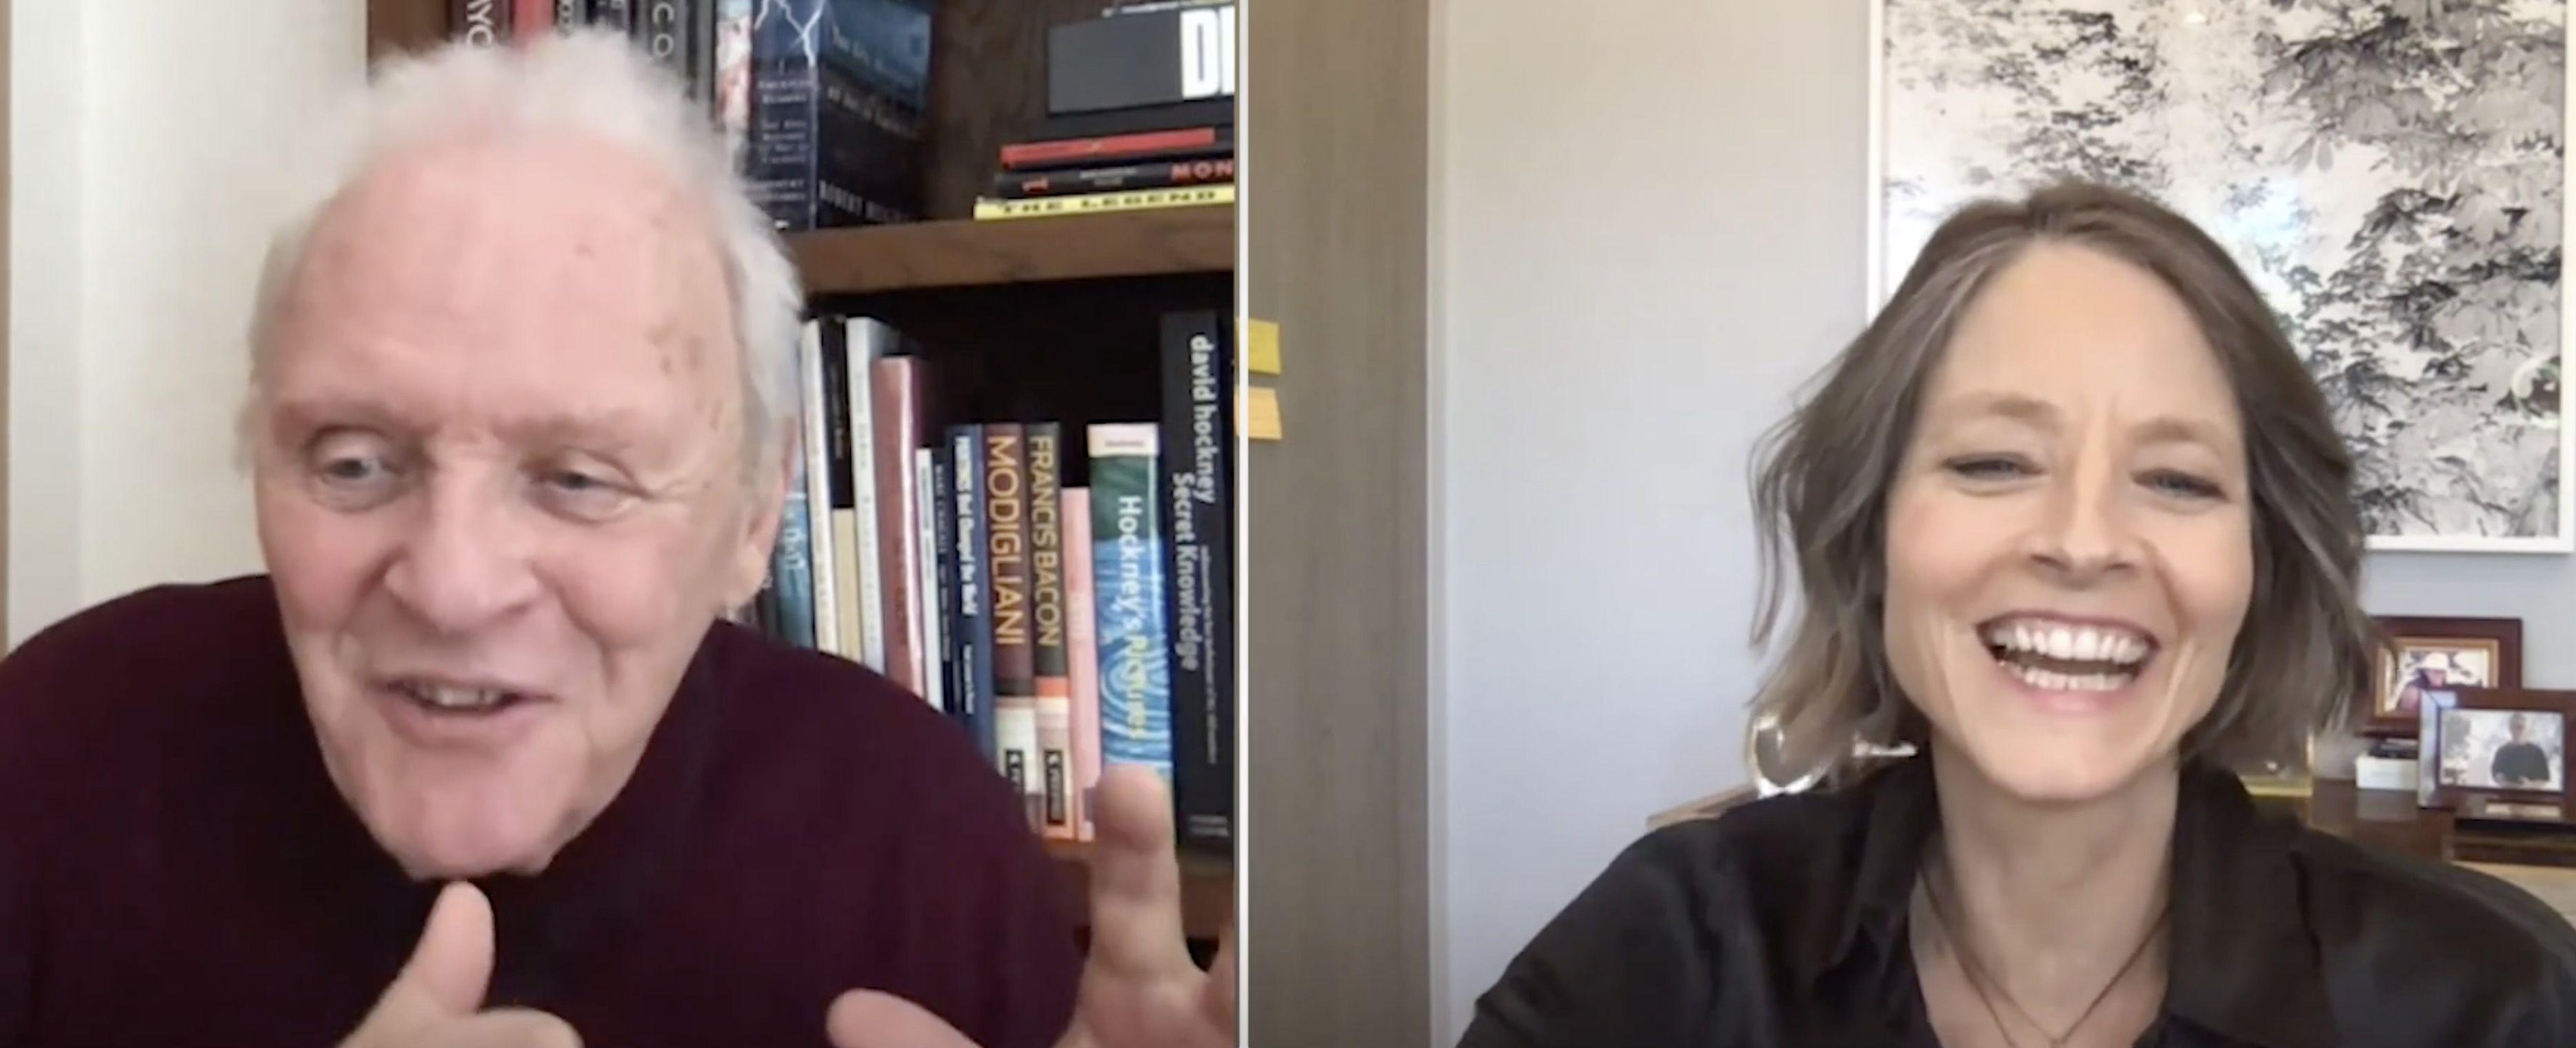 El silencio de los corderos': Anthony Hopkins y Jodie Foster se reencuentran 30 años después